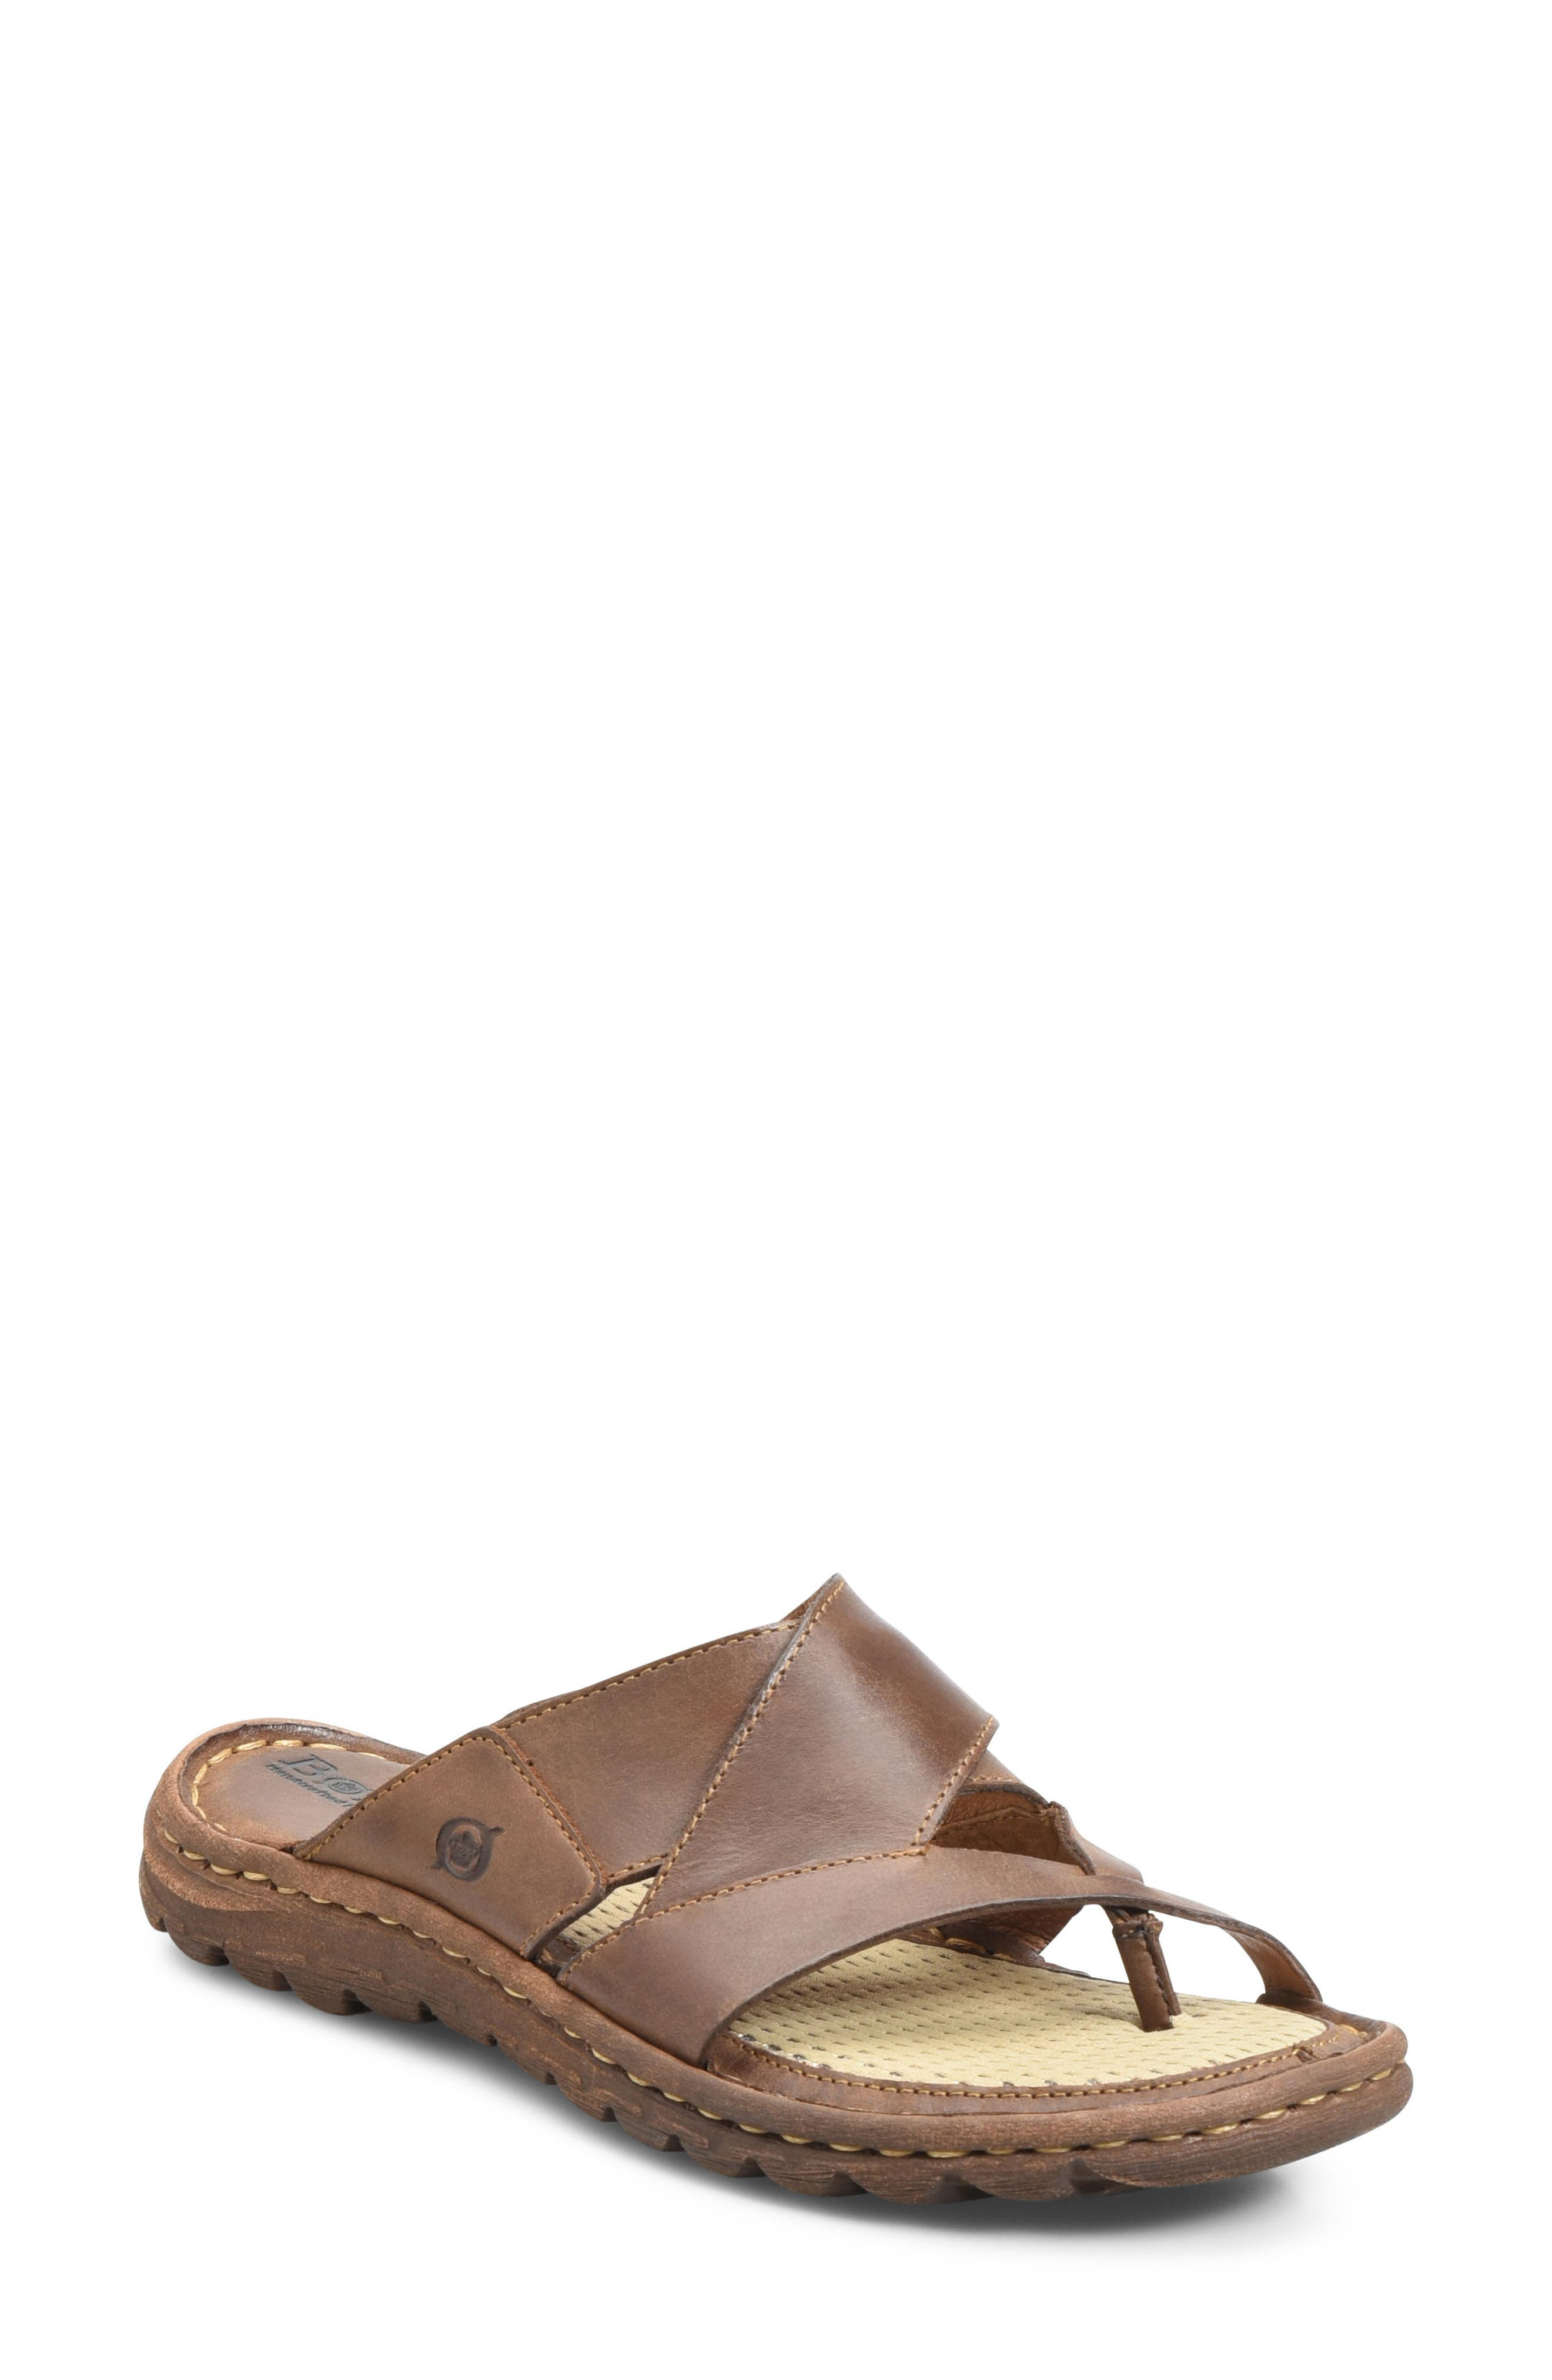 809f3386593f born Sandals - Women s